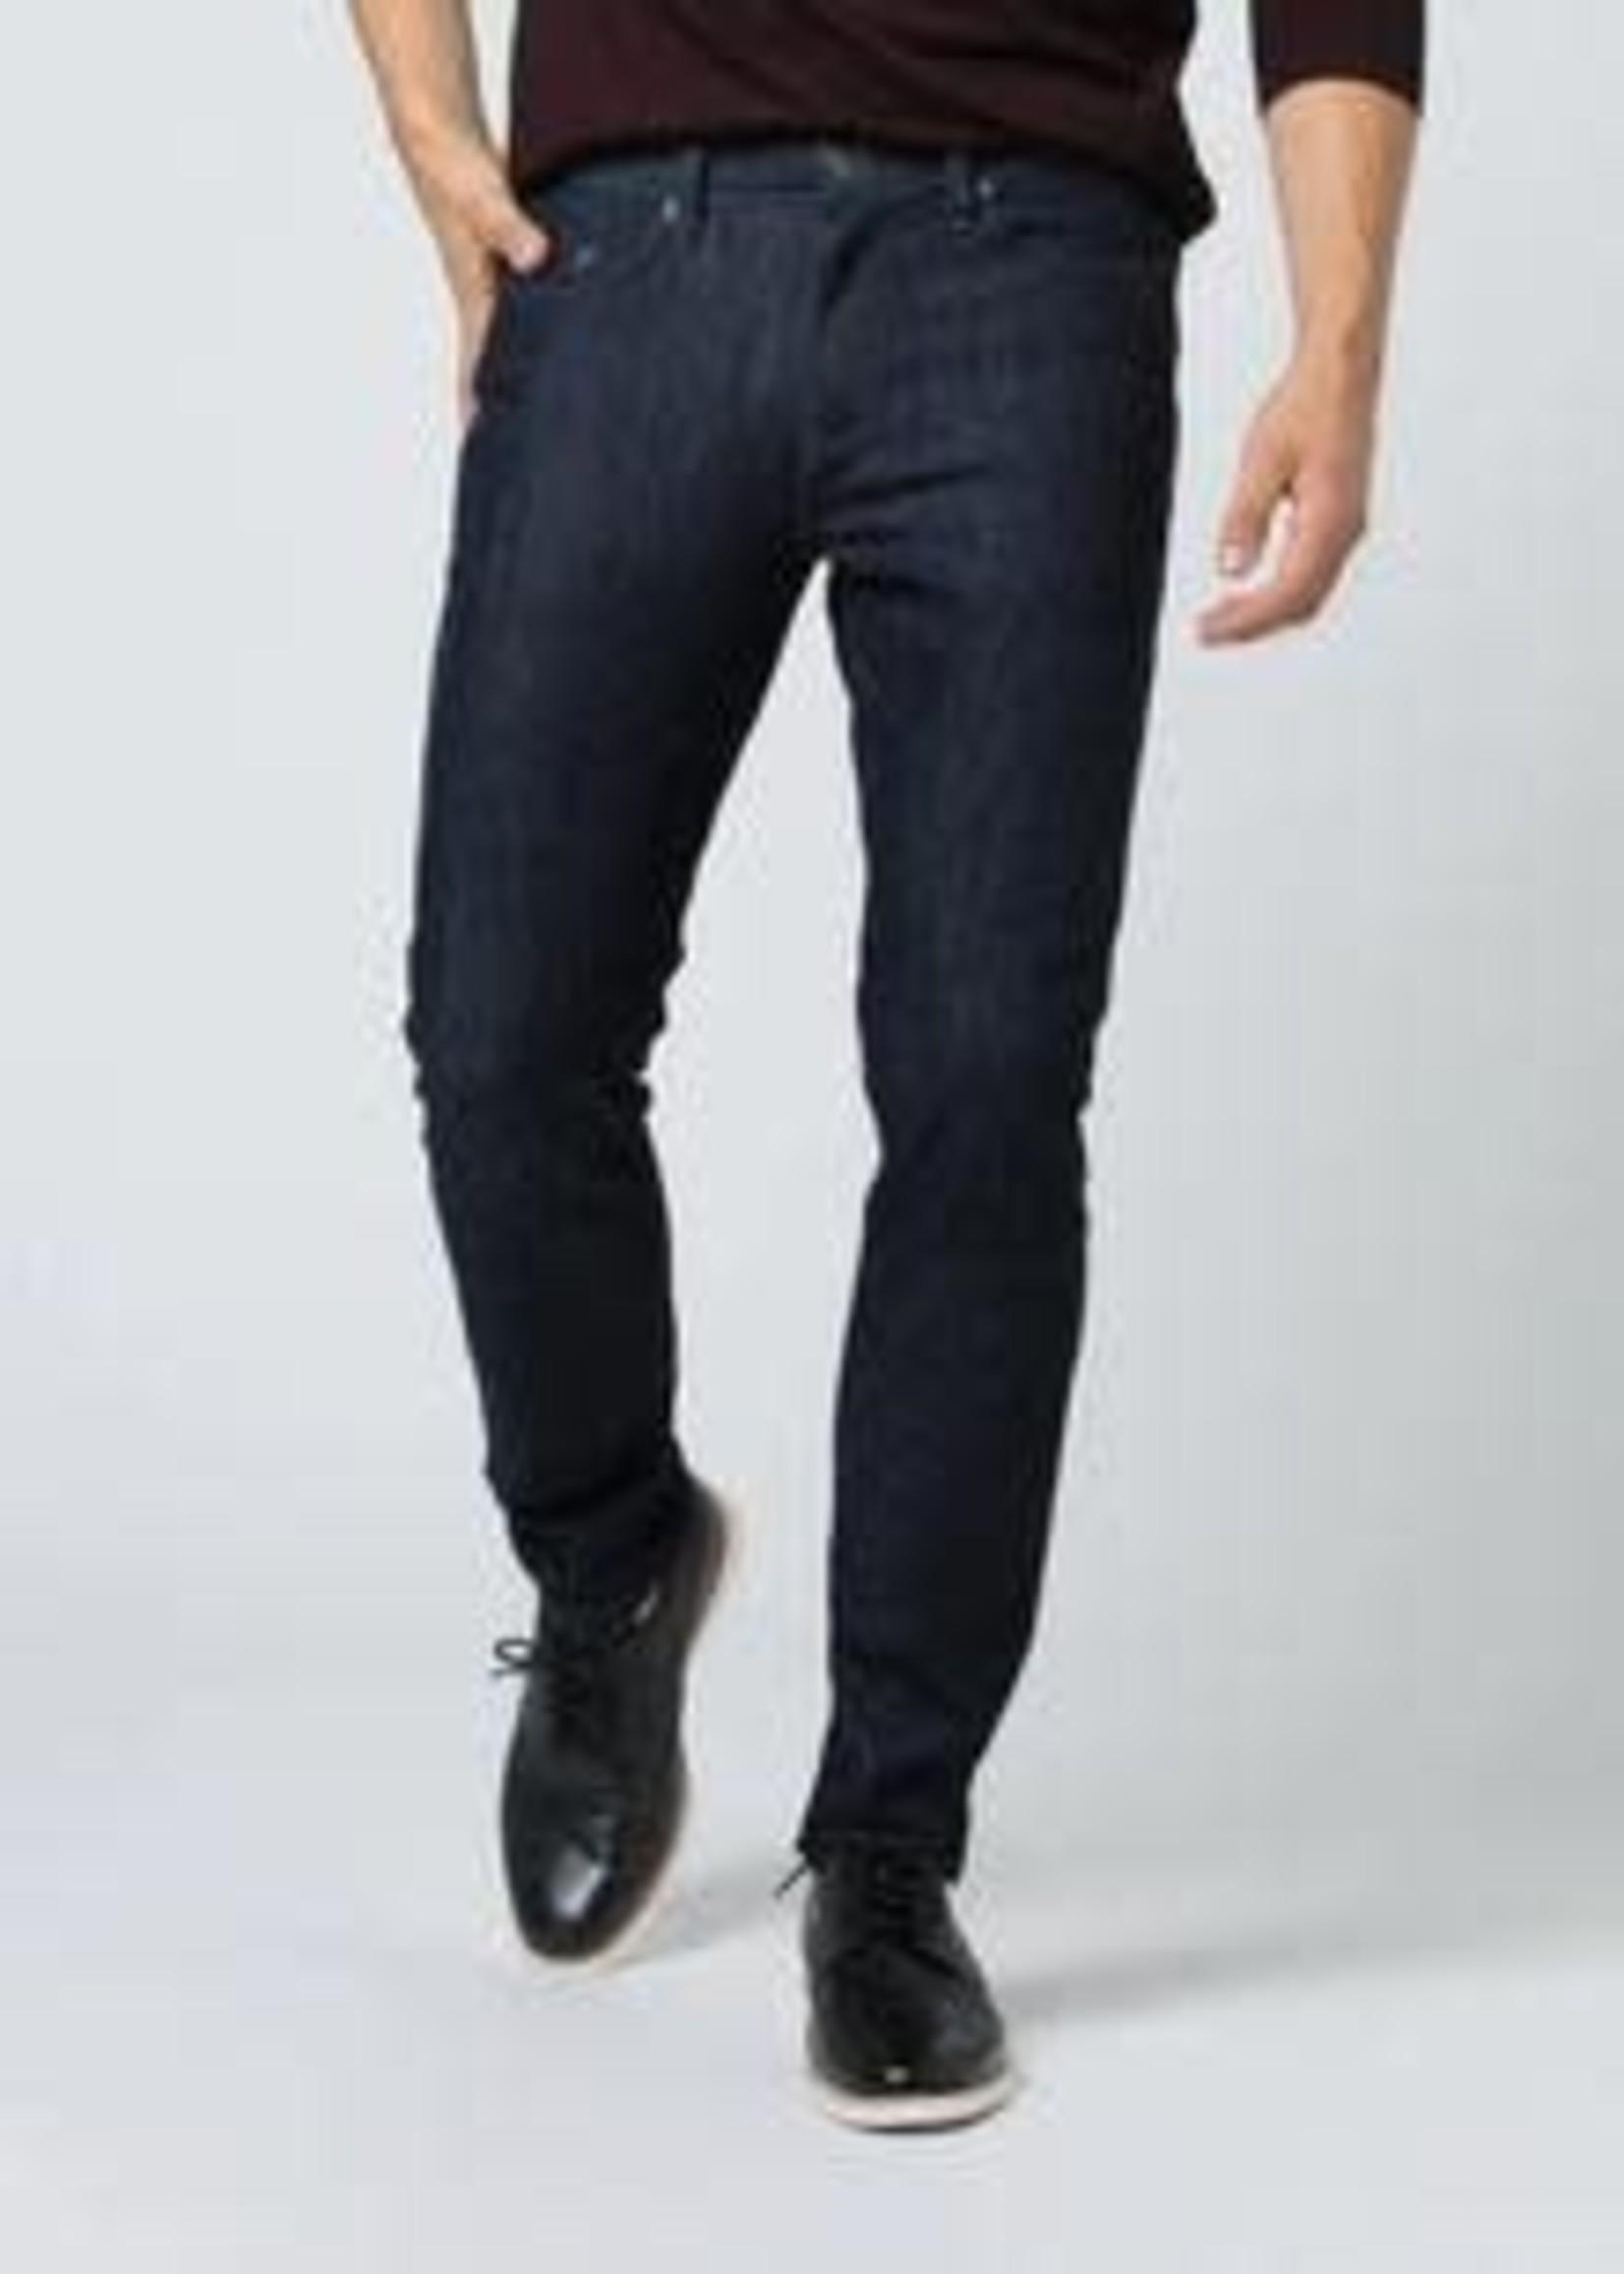 DU/ER Jeans